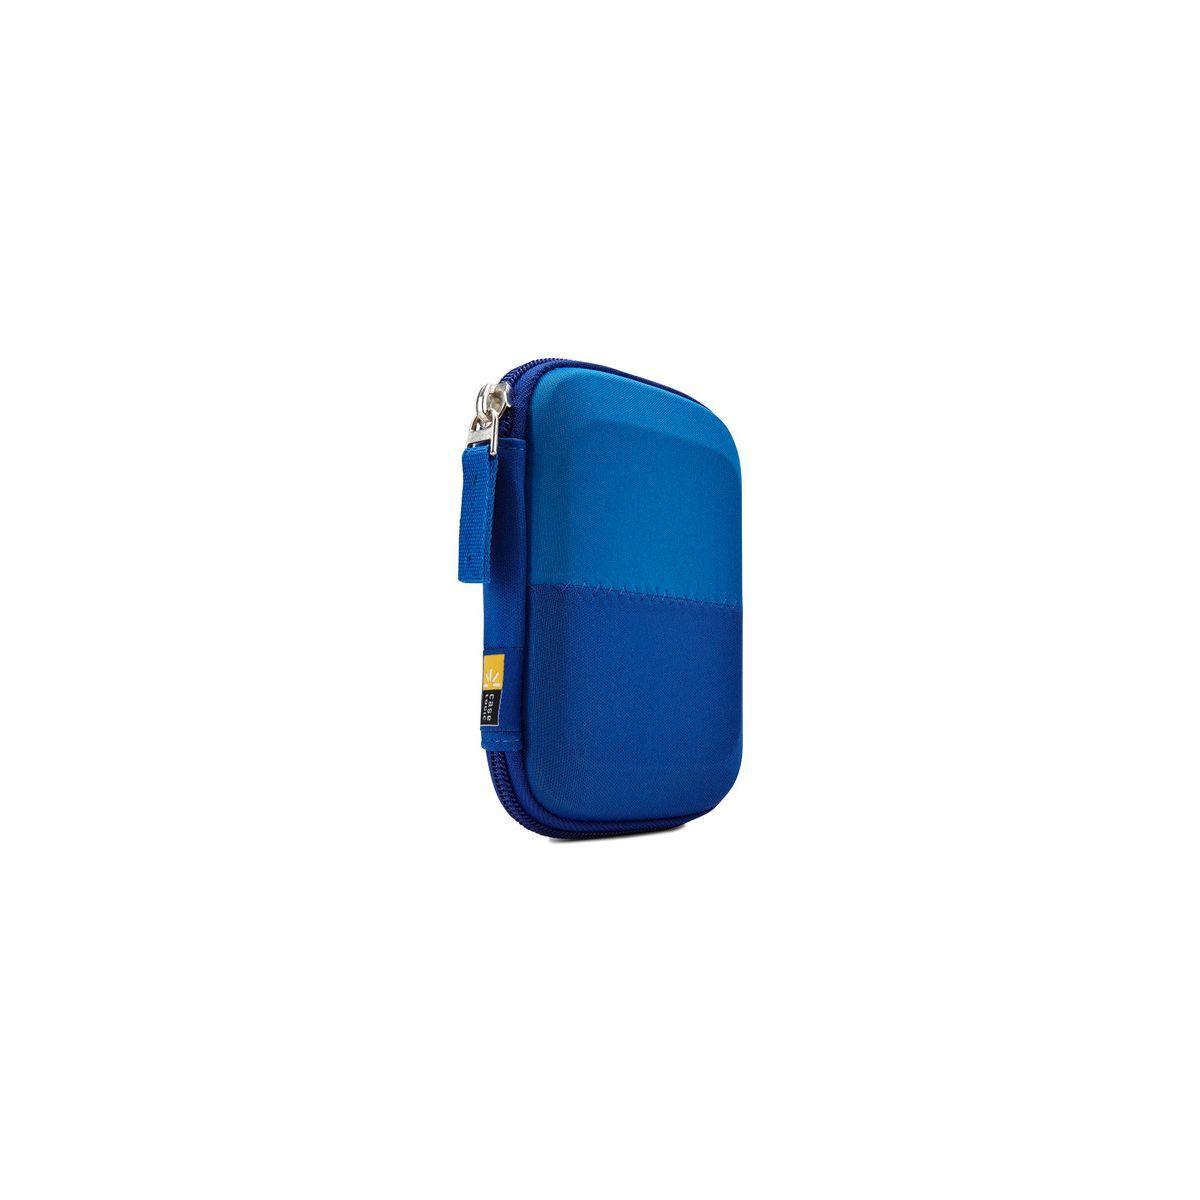 Housse caselogic disque dur 2,5'' bleu (photo)